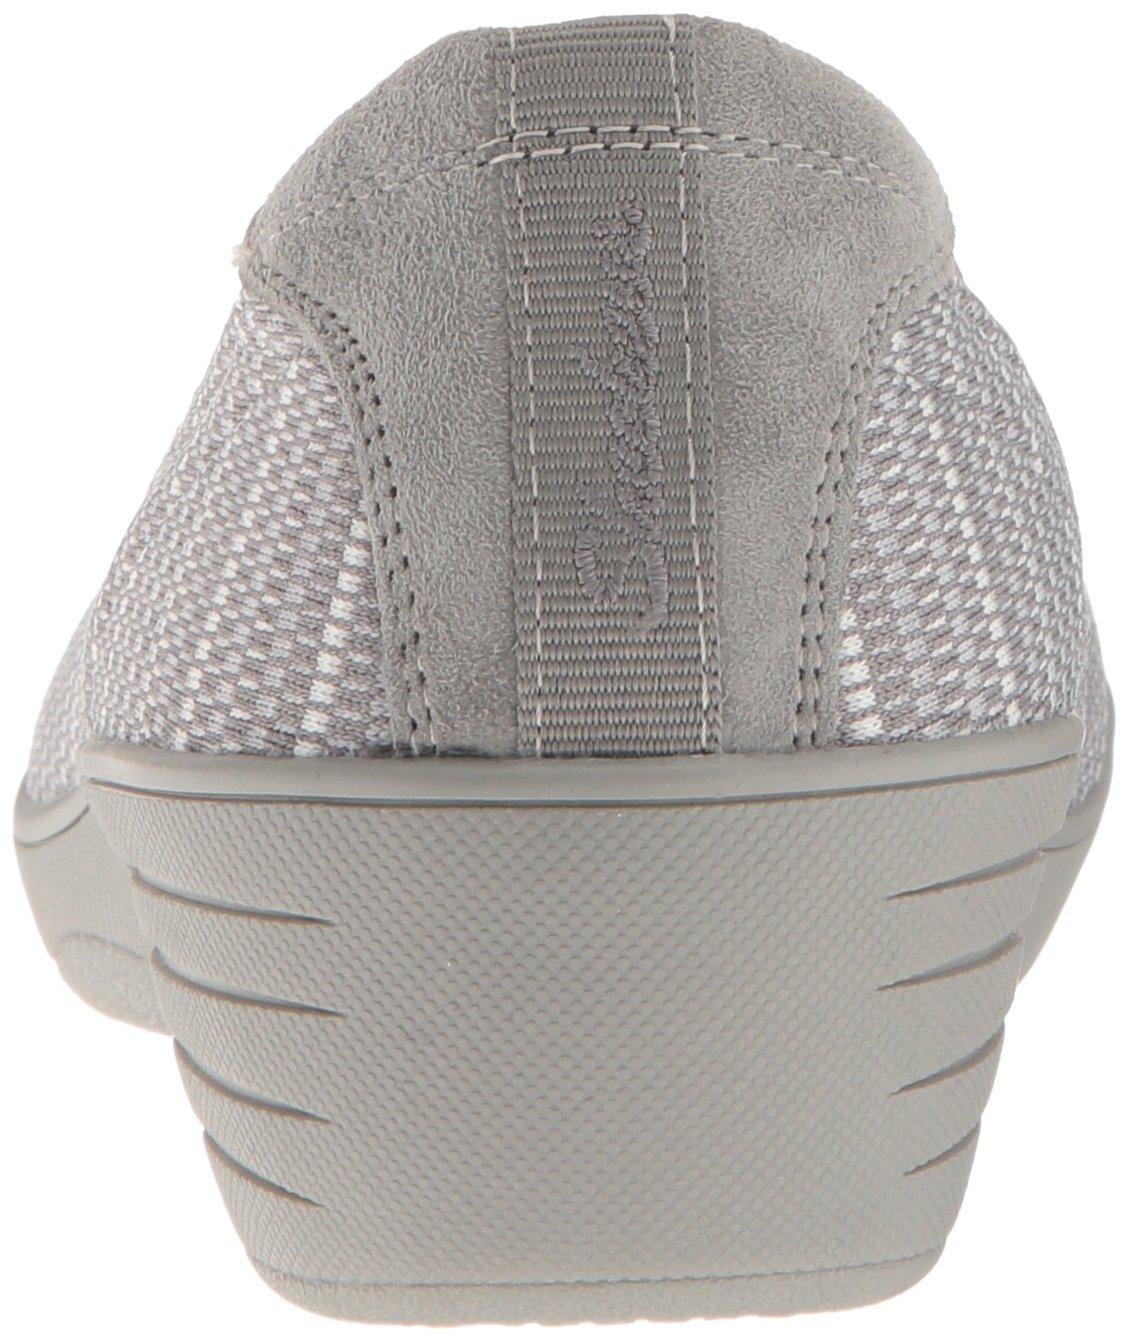 Skechers Women's Kiss-Secret Wedge Pump,Grey,7 M US by Skechers (Image #2)